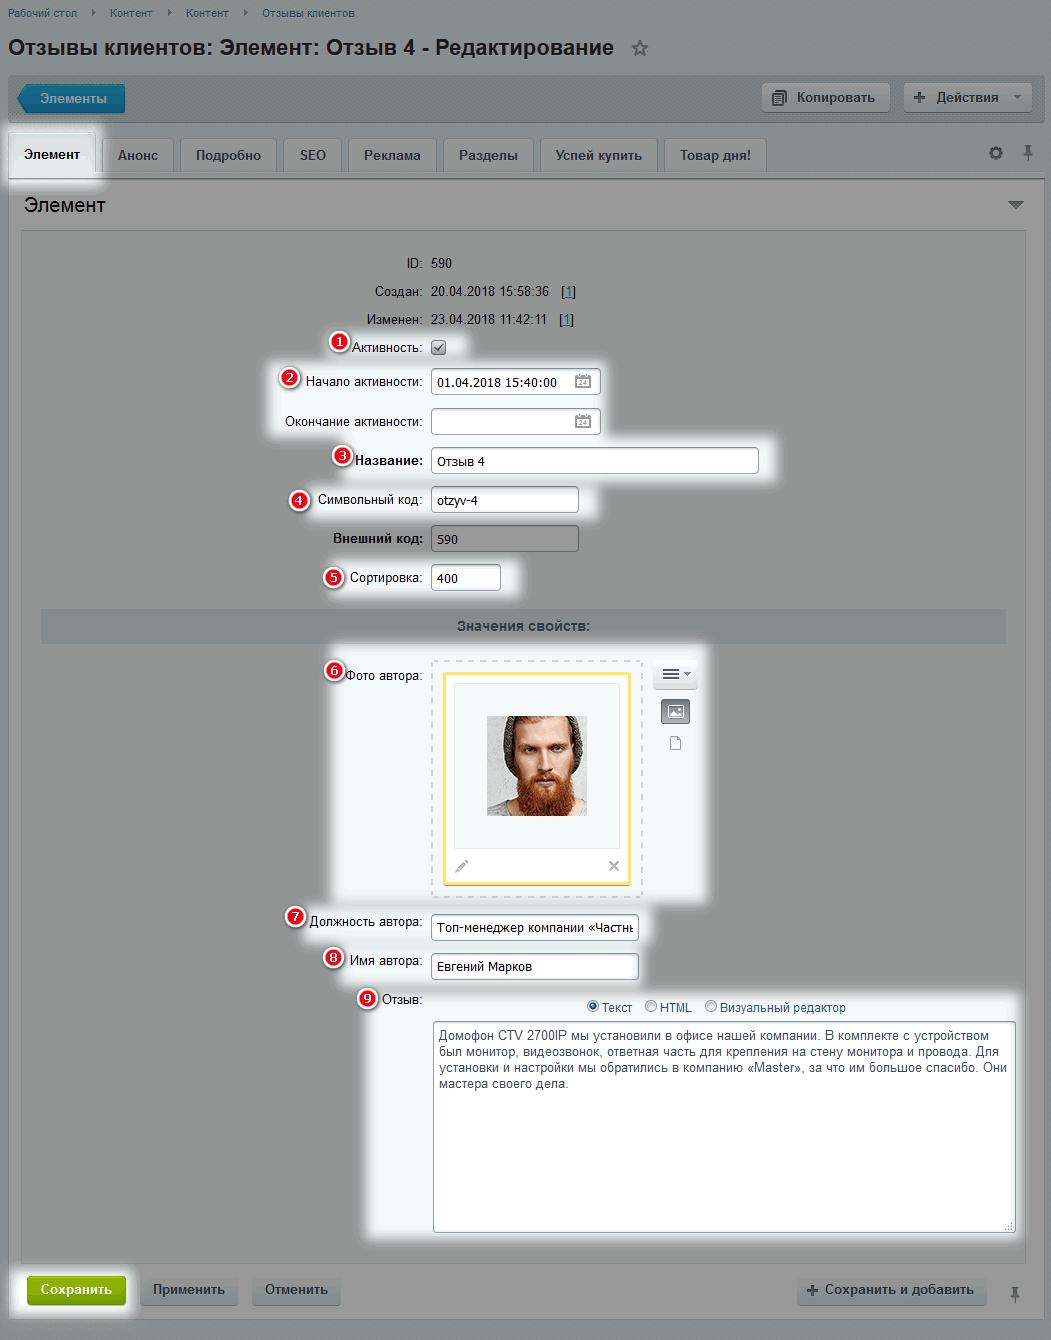 Редактирование отзыва